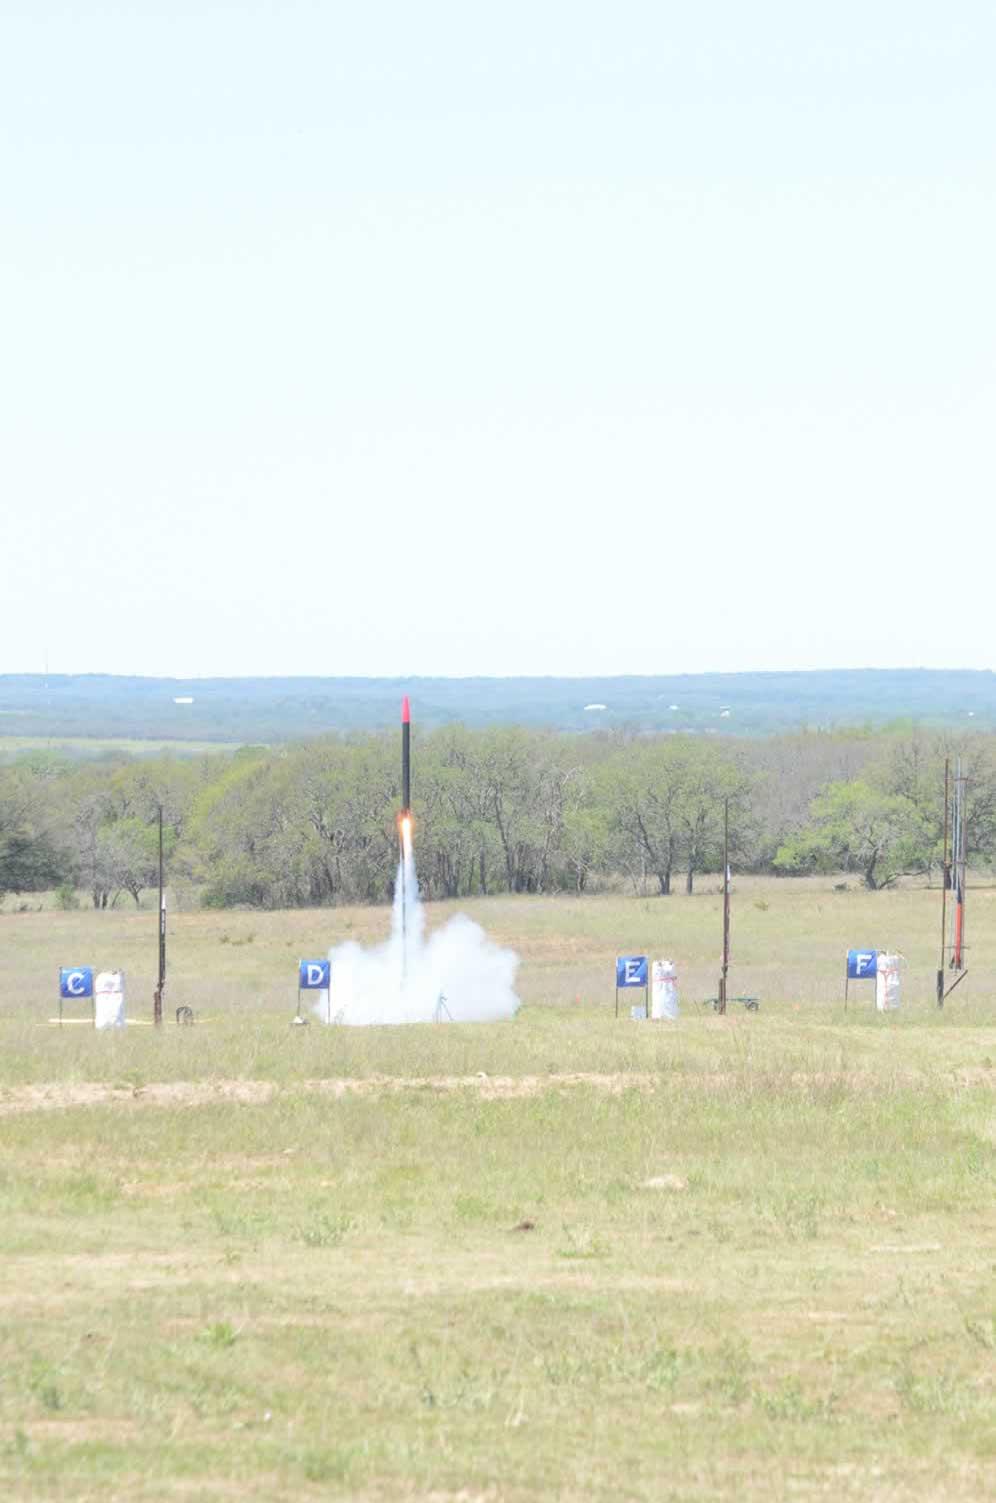 Rockets-14-DSC 5109